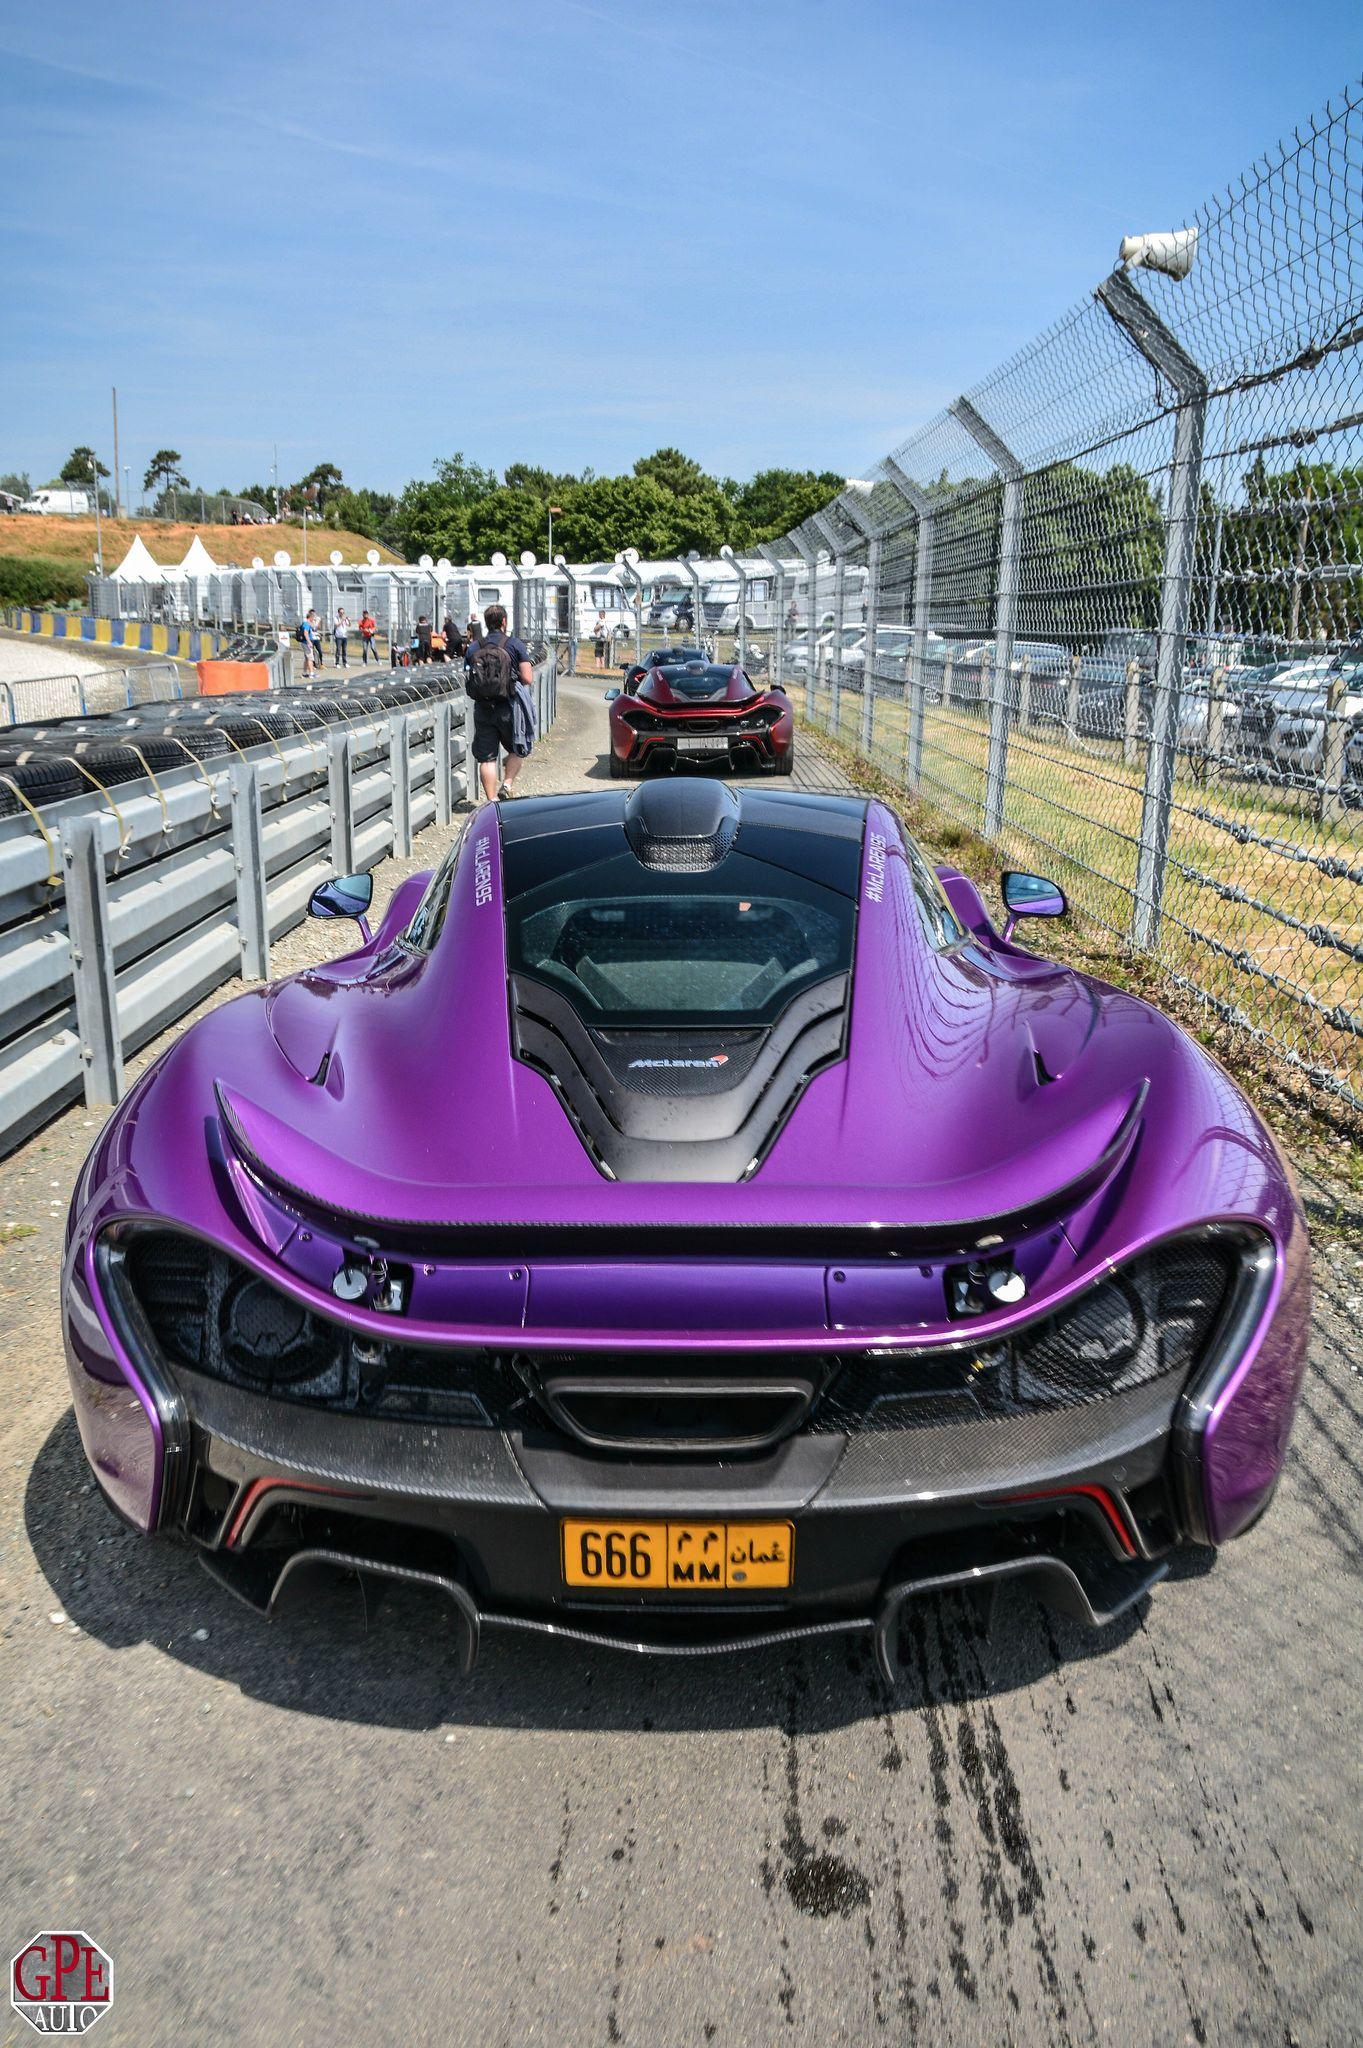 McLaren95 | Mclaren p1, Cars and Sports cars